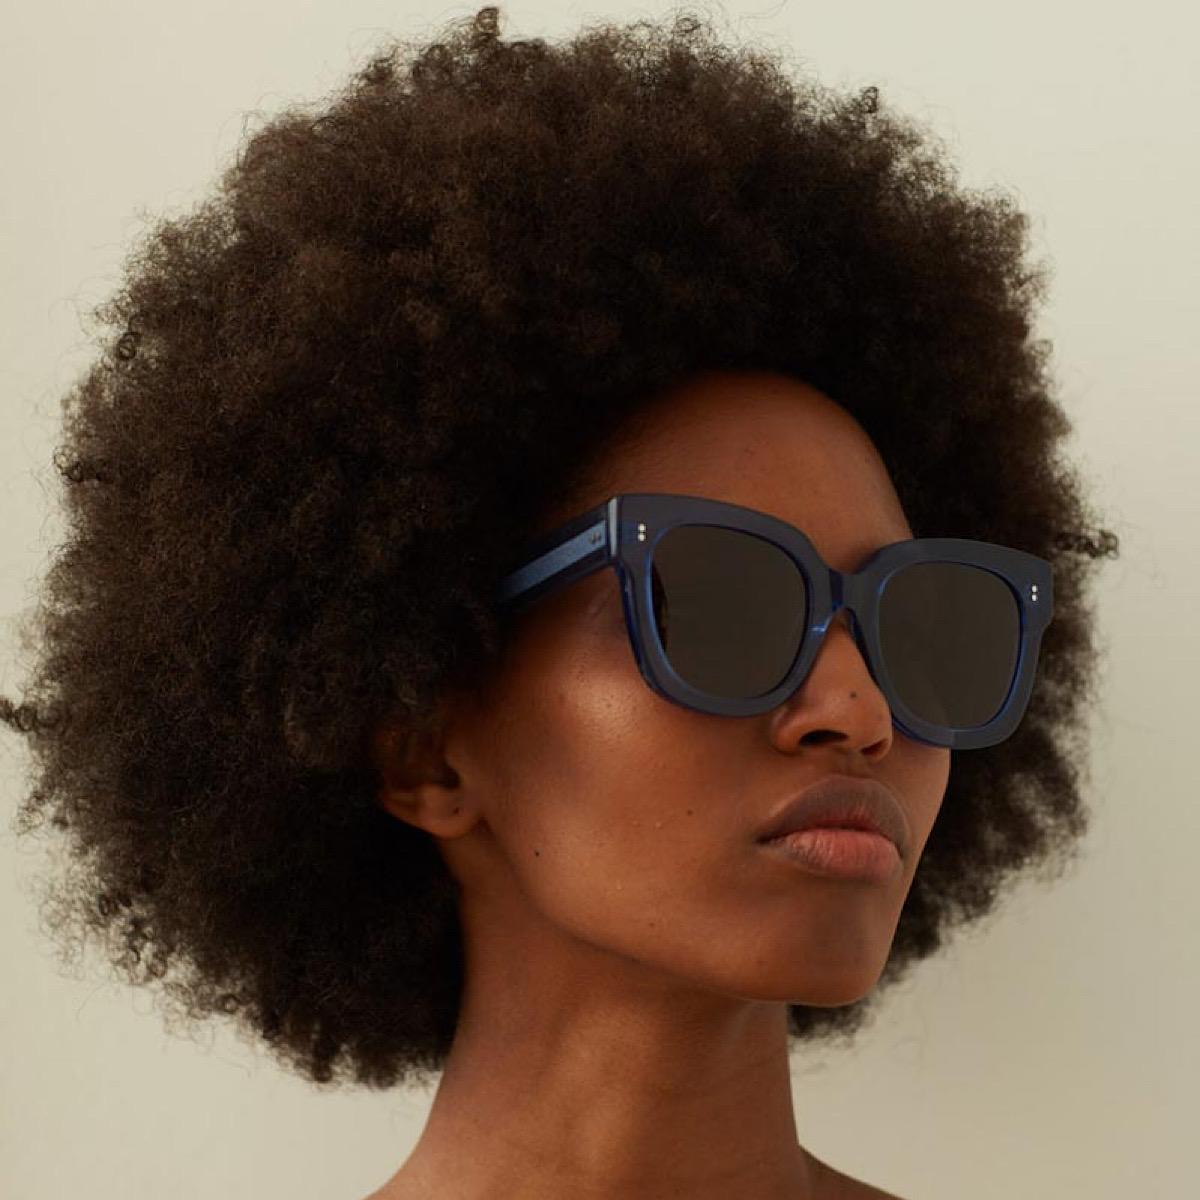 Chimi Sonnenbrillen online kaufen bei Gustavia Shop.